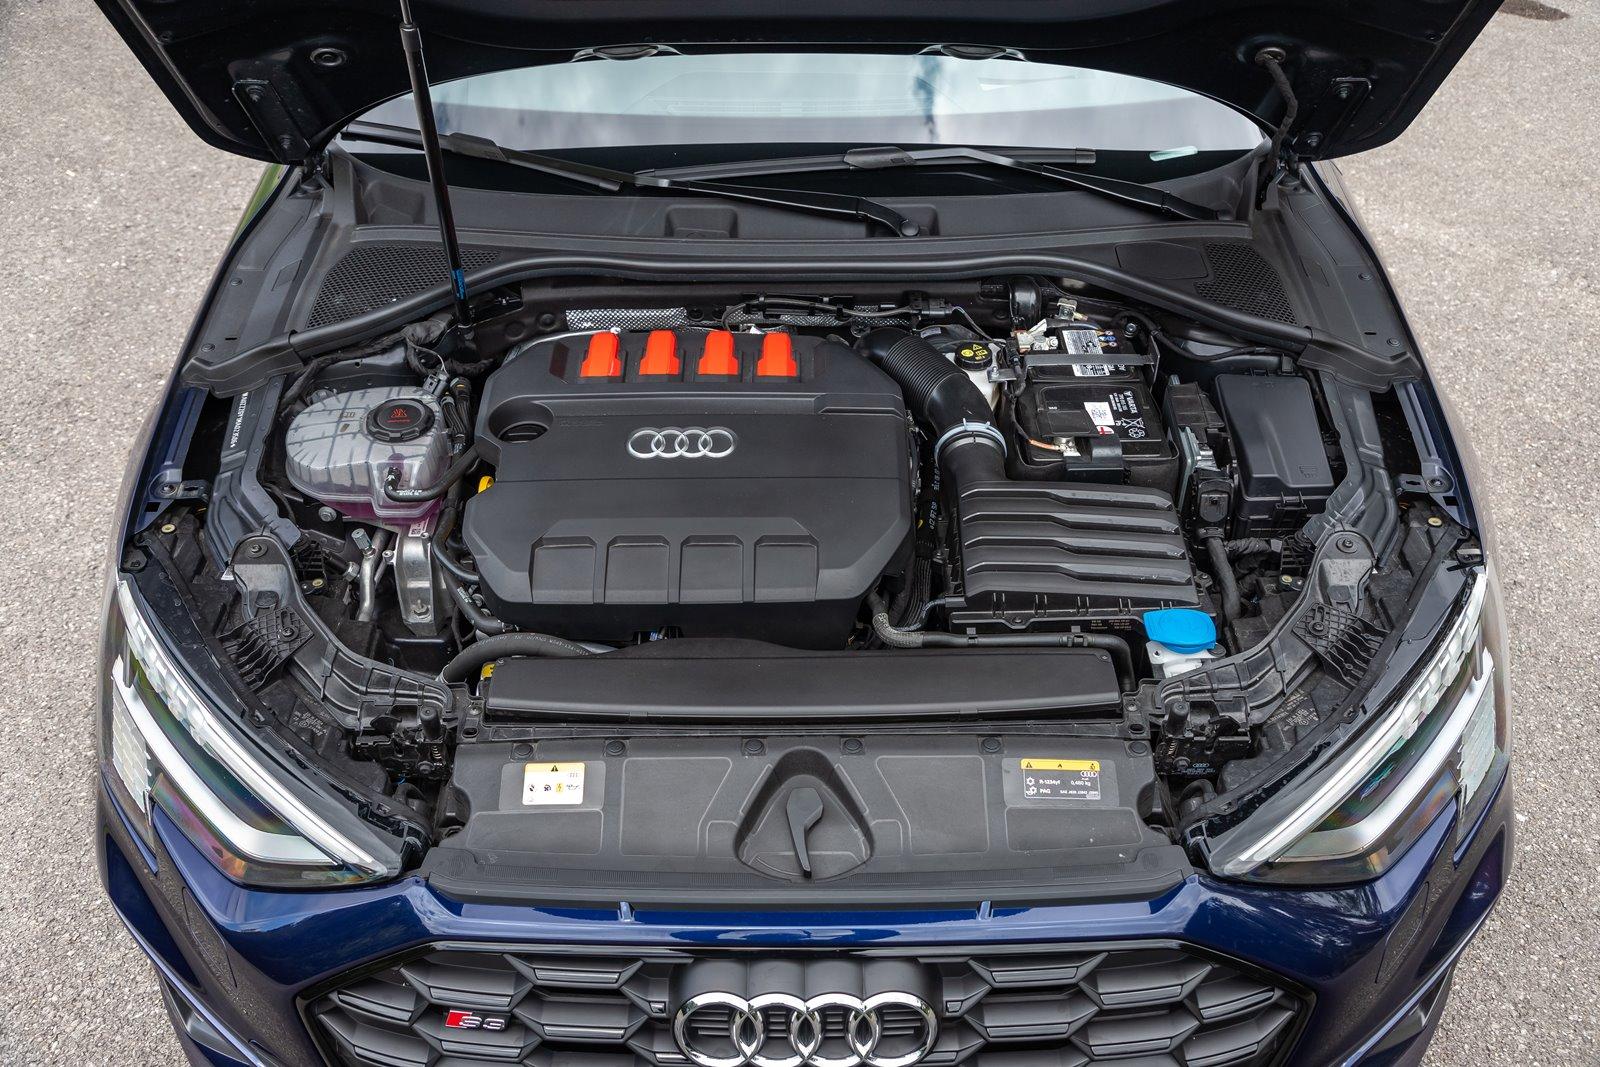 Motor Audi S3 Sportback